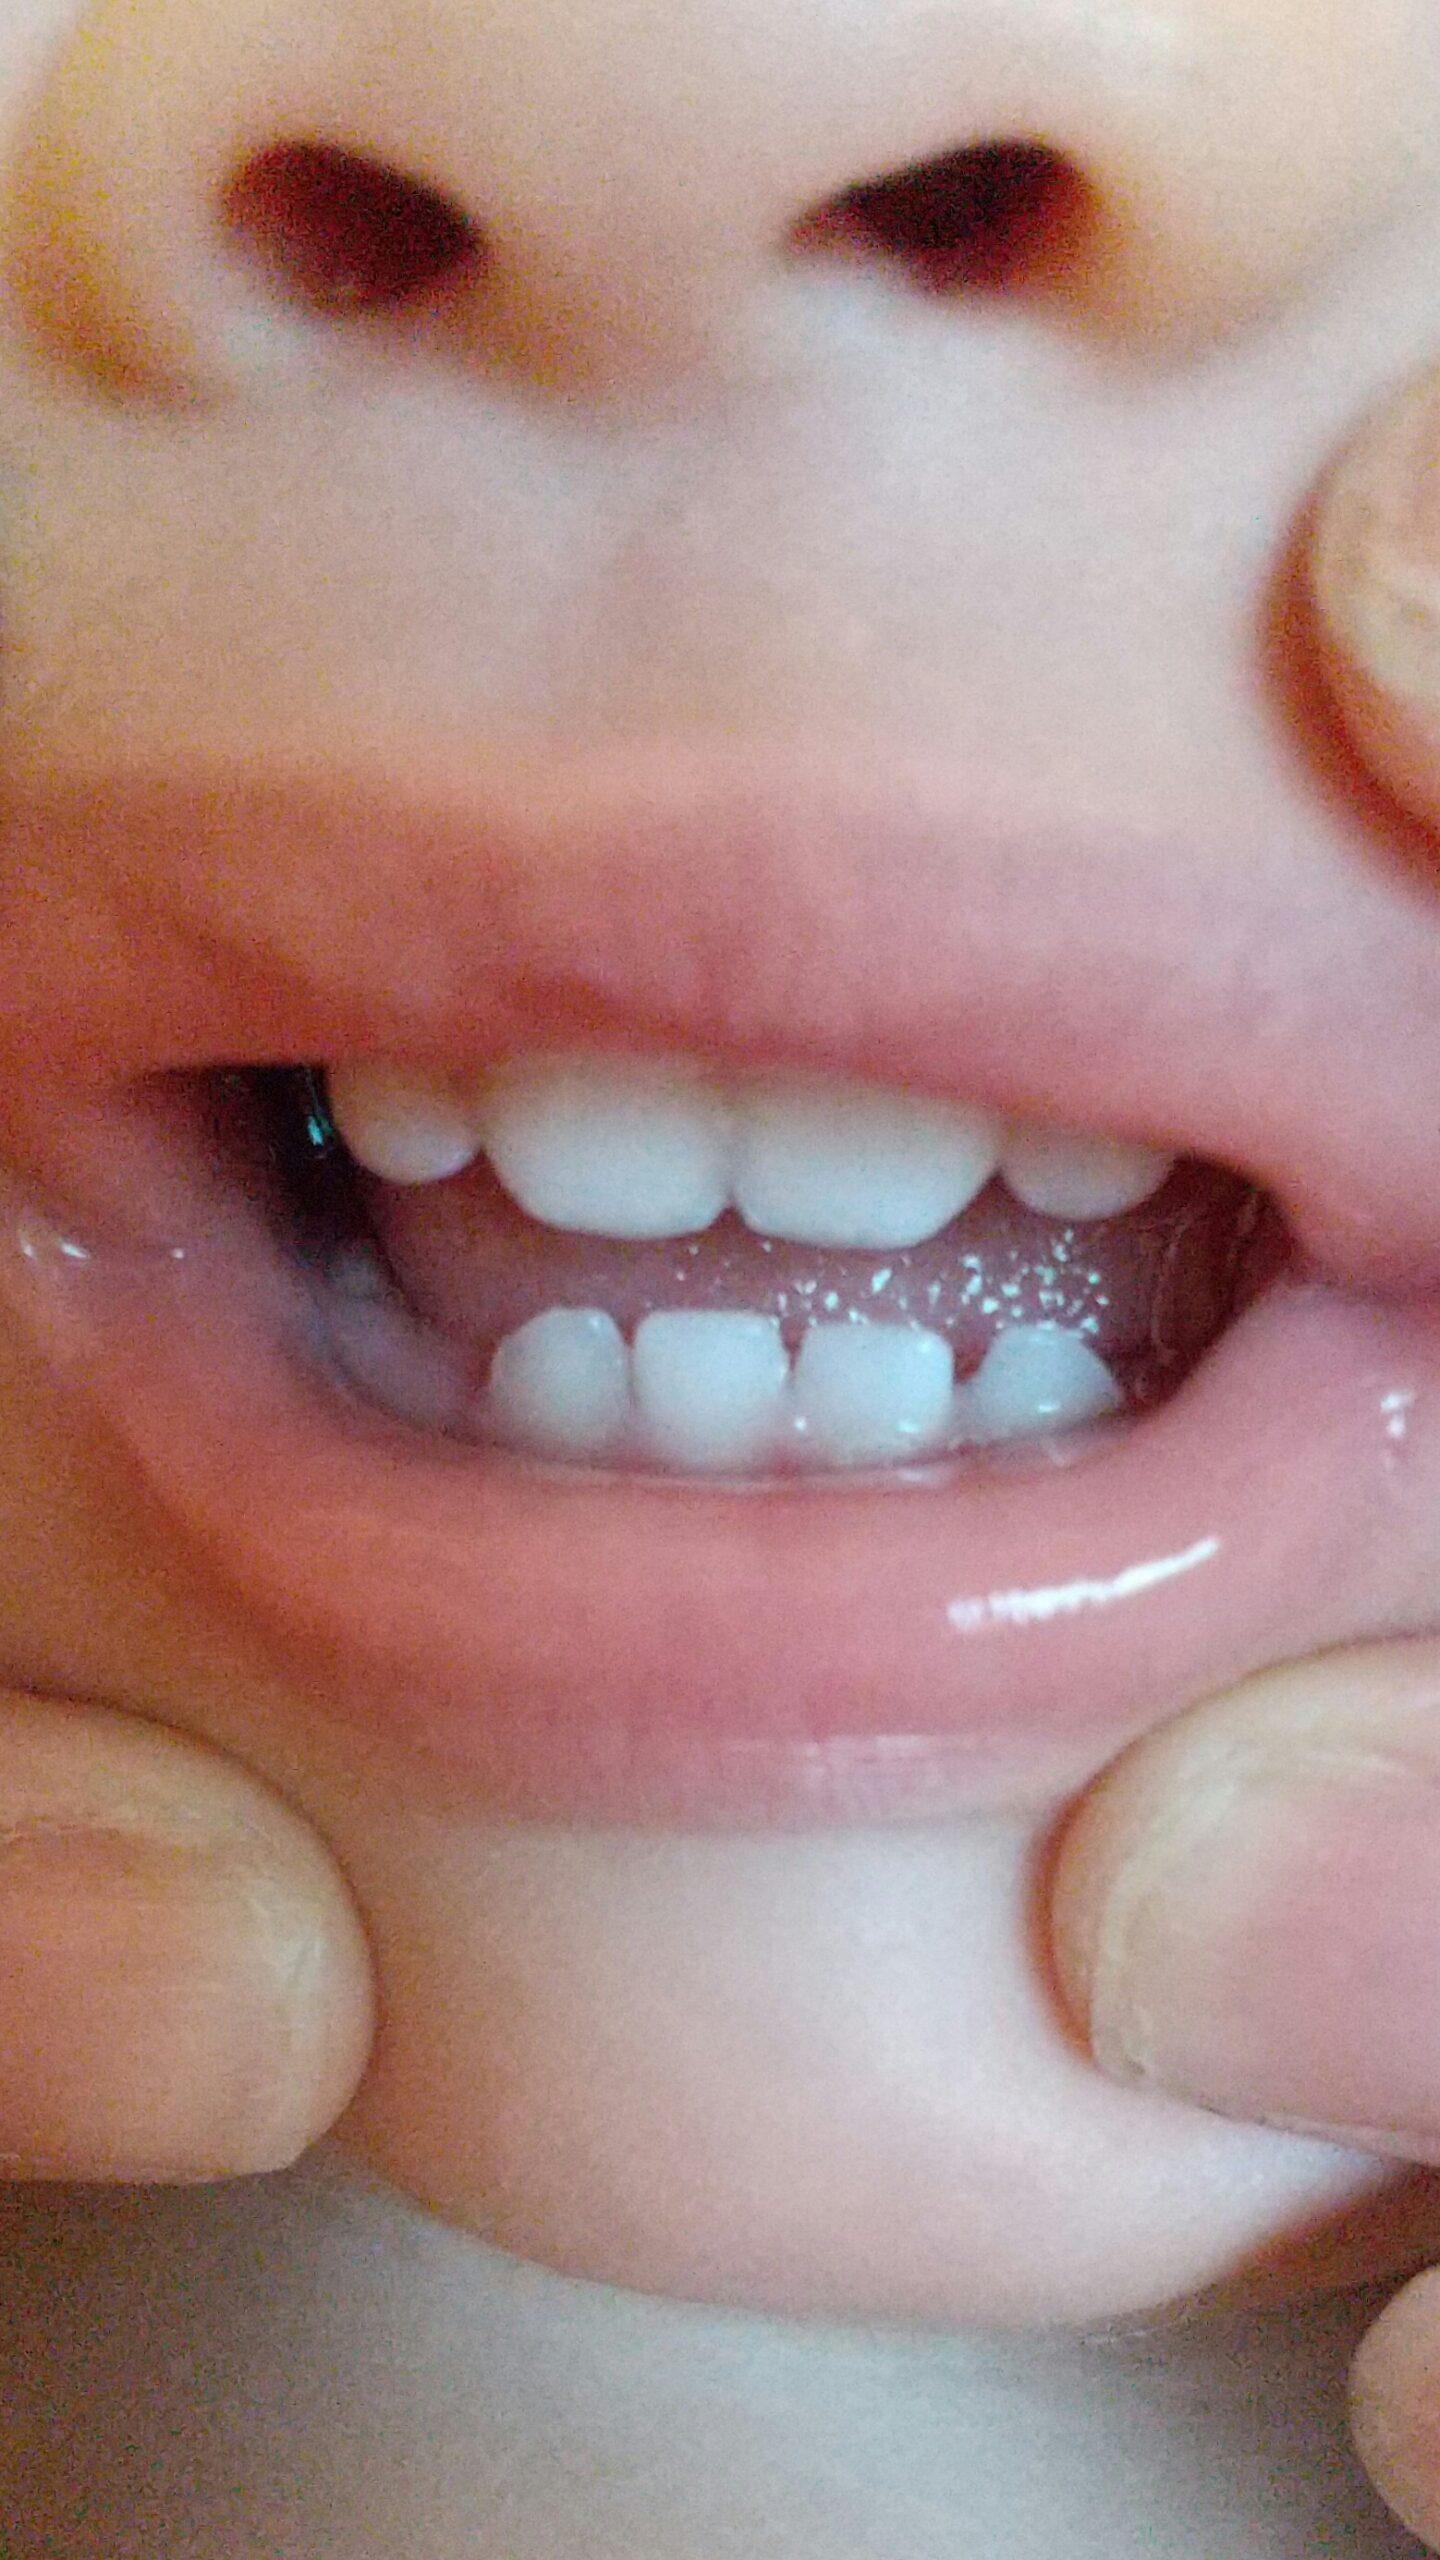 前歯が生えてきました